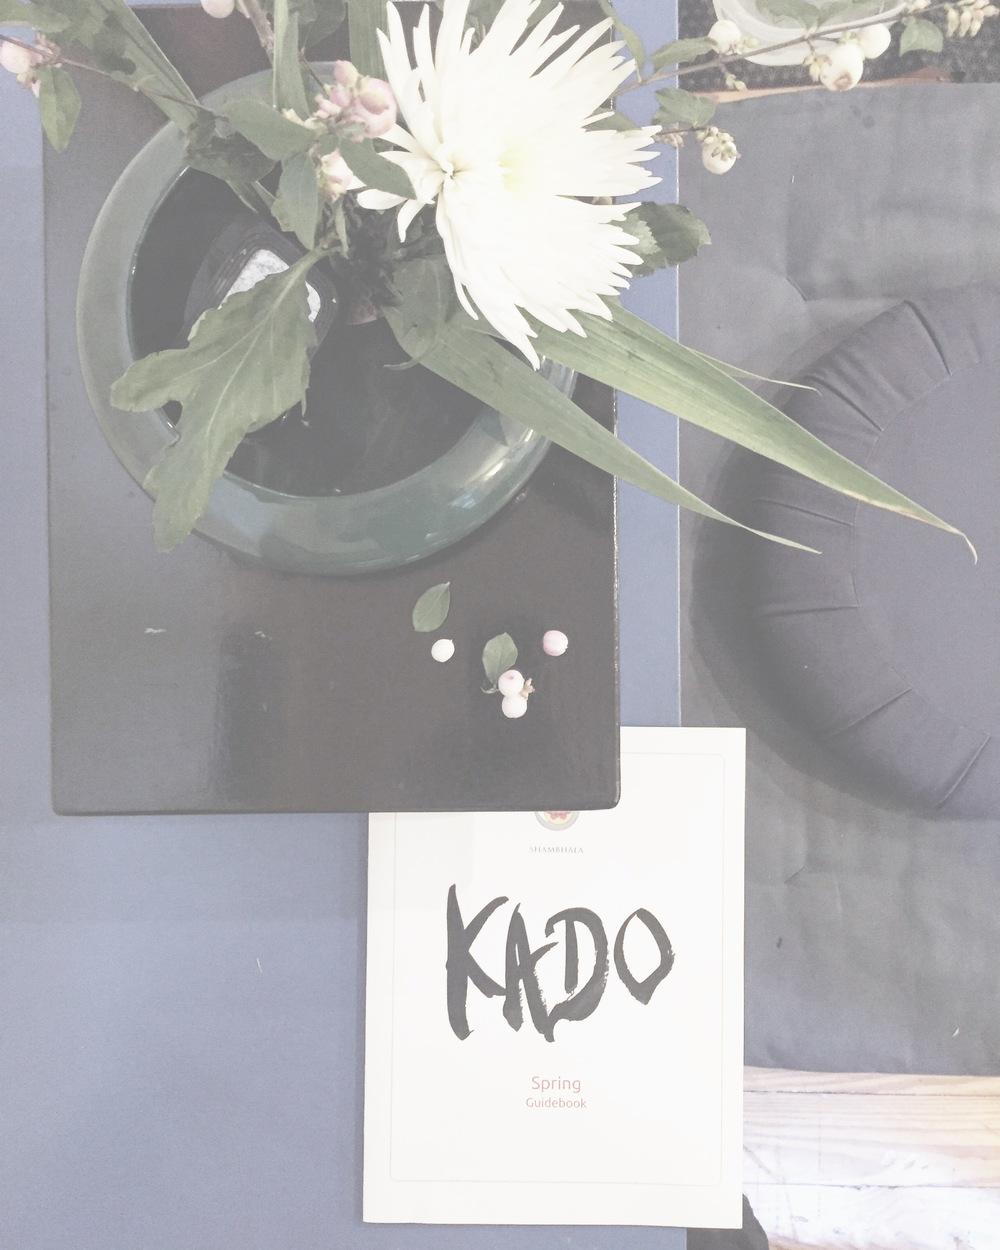 #myflowerstoday#kado#kadoikebana#chrysanthemum#mums